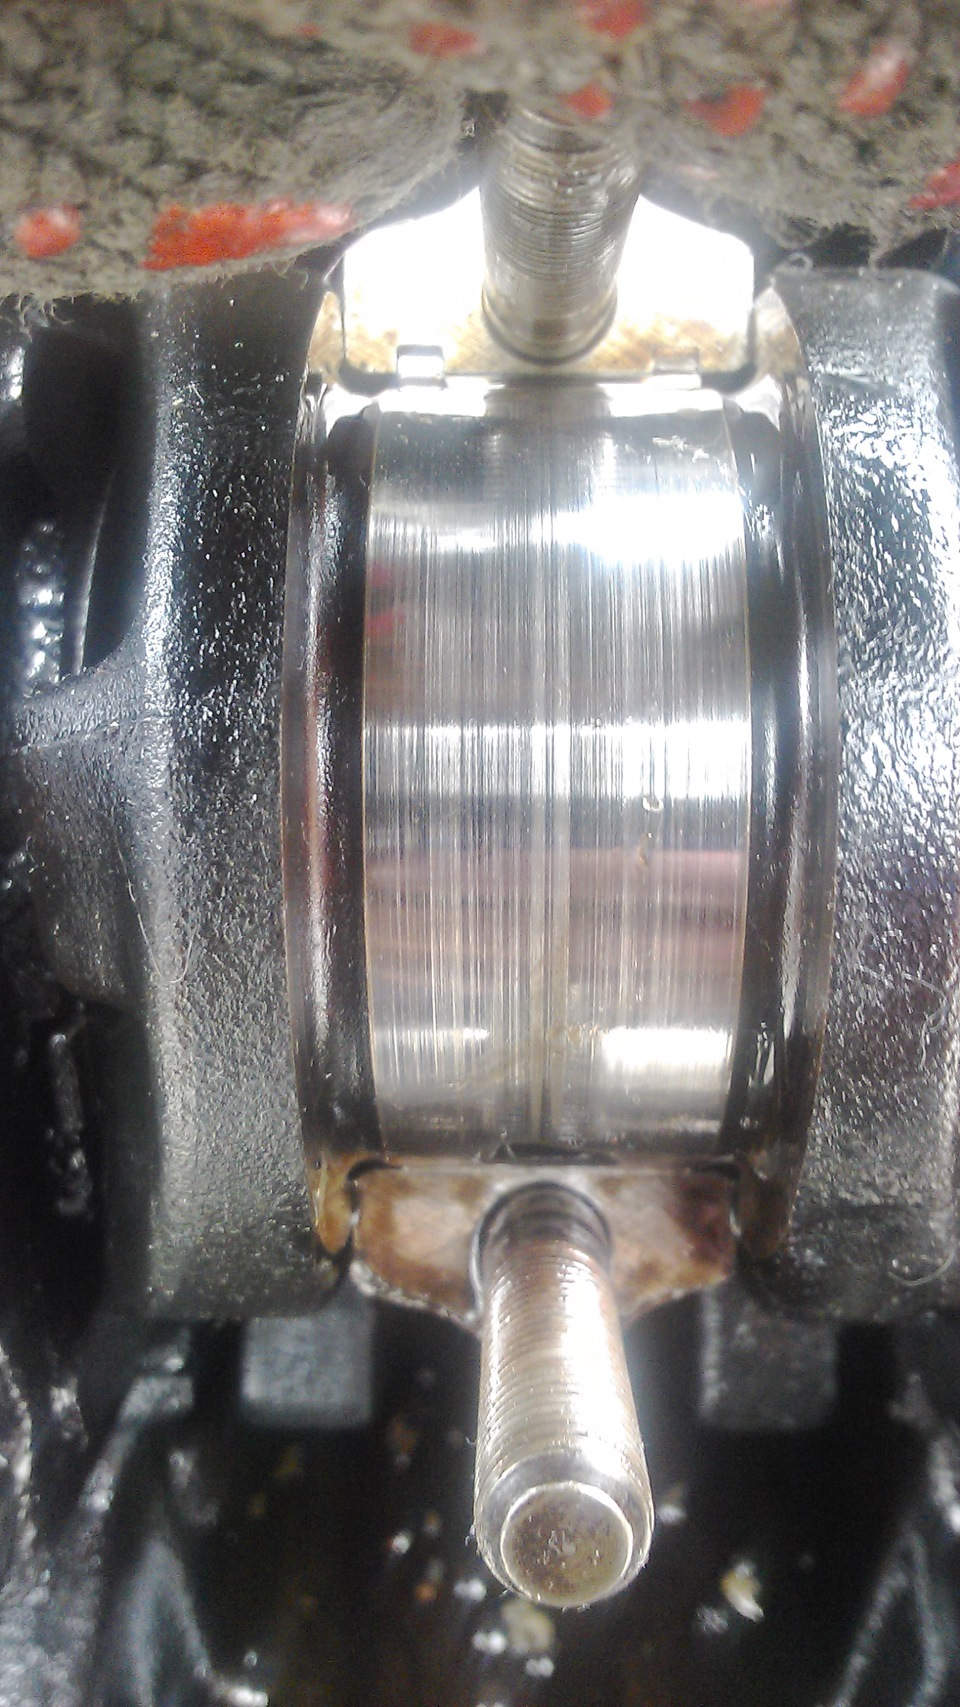 будет ли заводится двигатель если провернуло вкладыши легкая